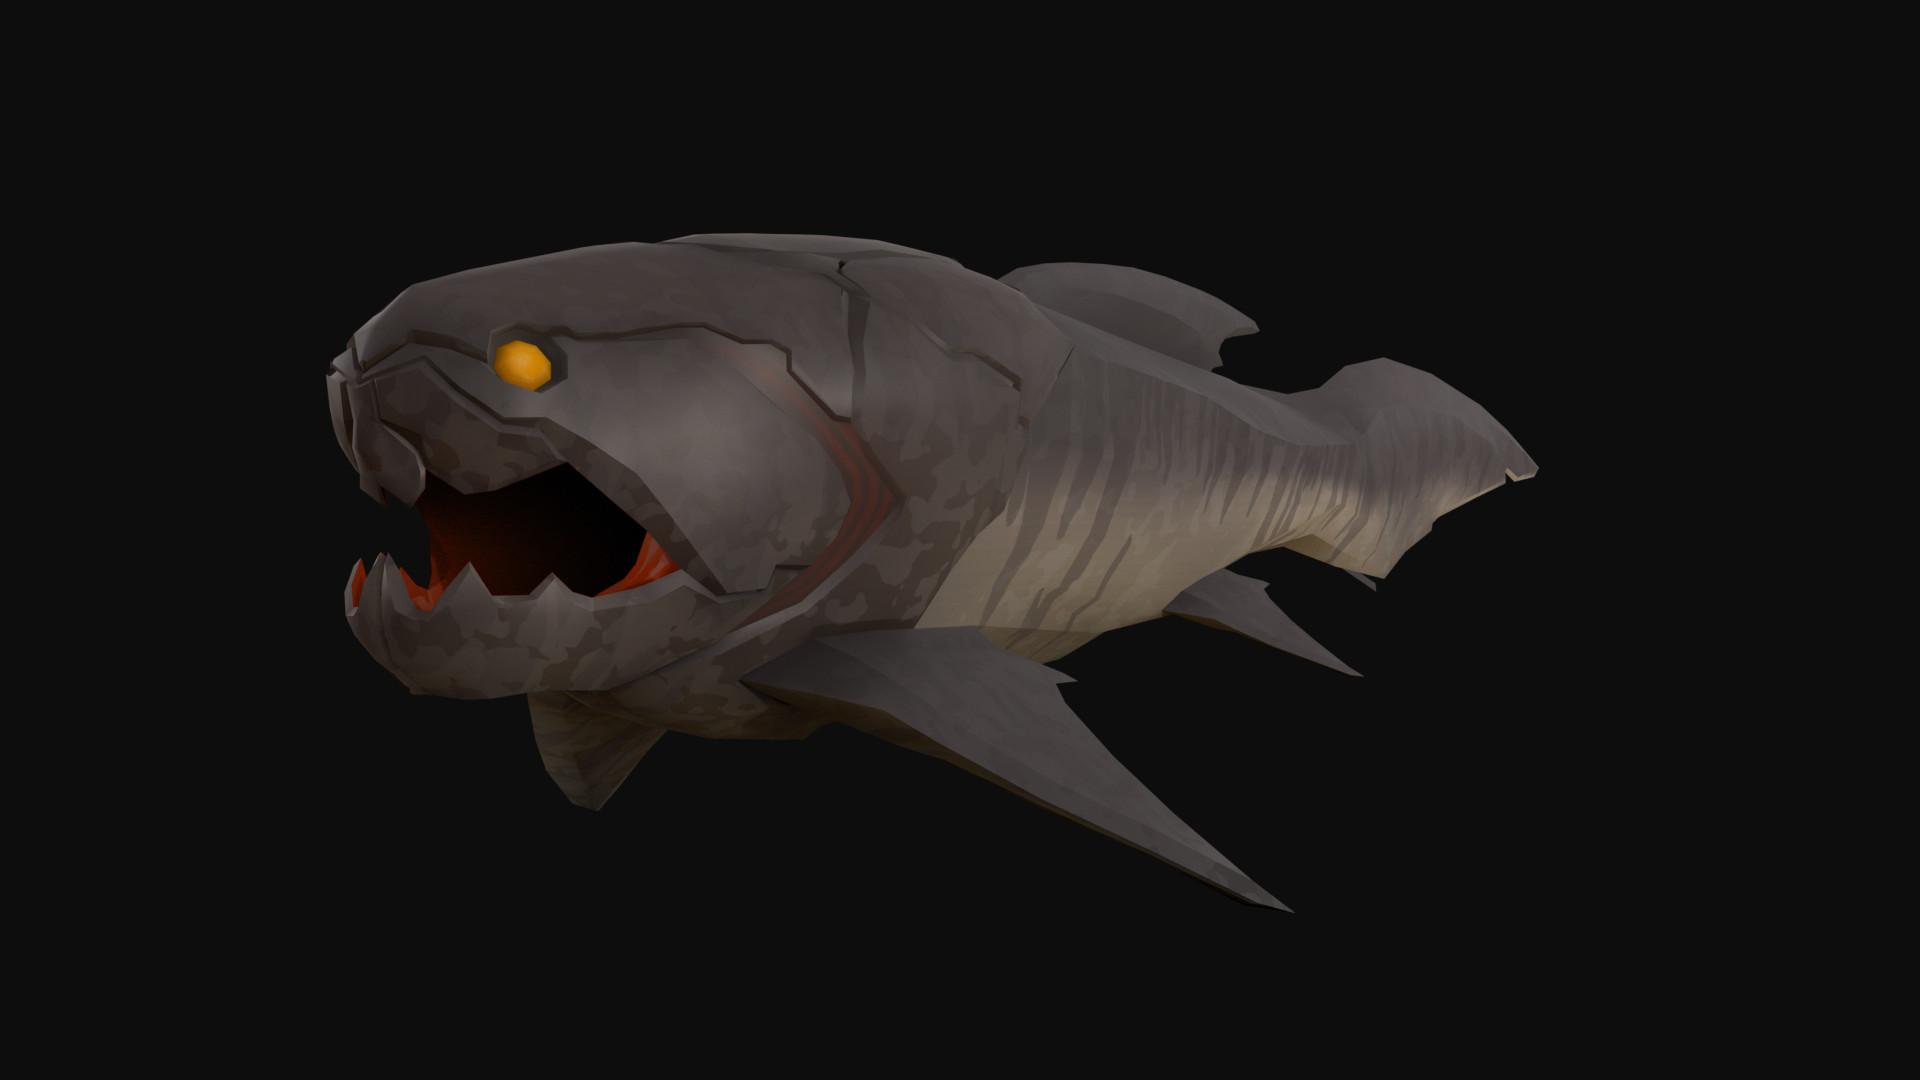 Eli gershenfeld fish 1